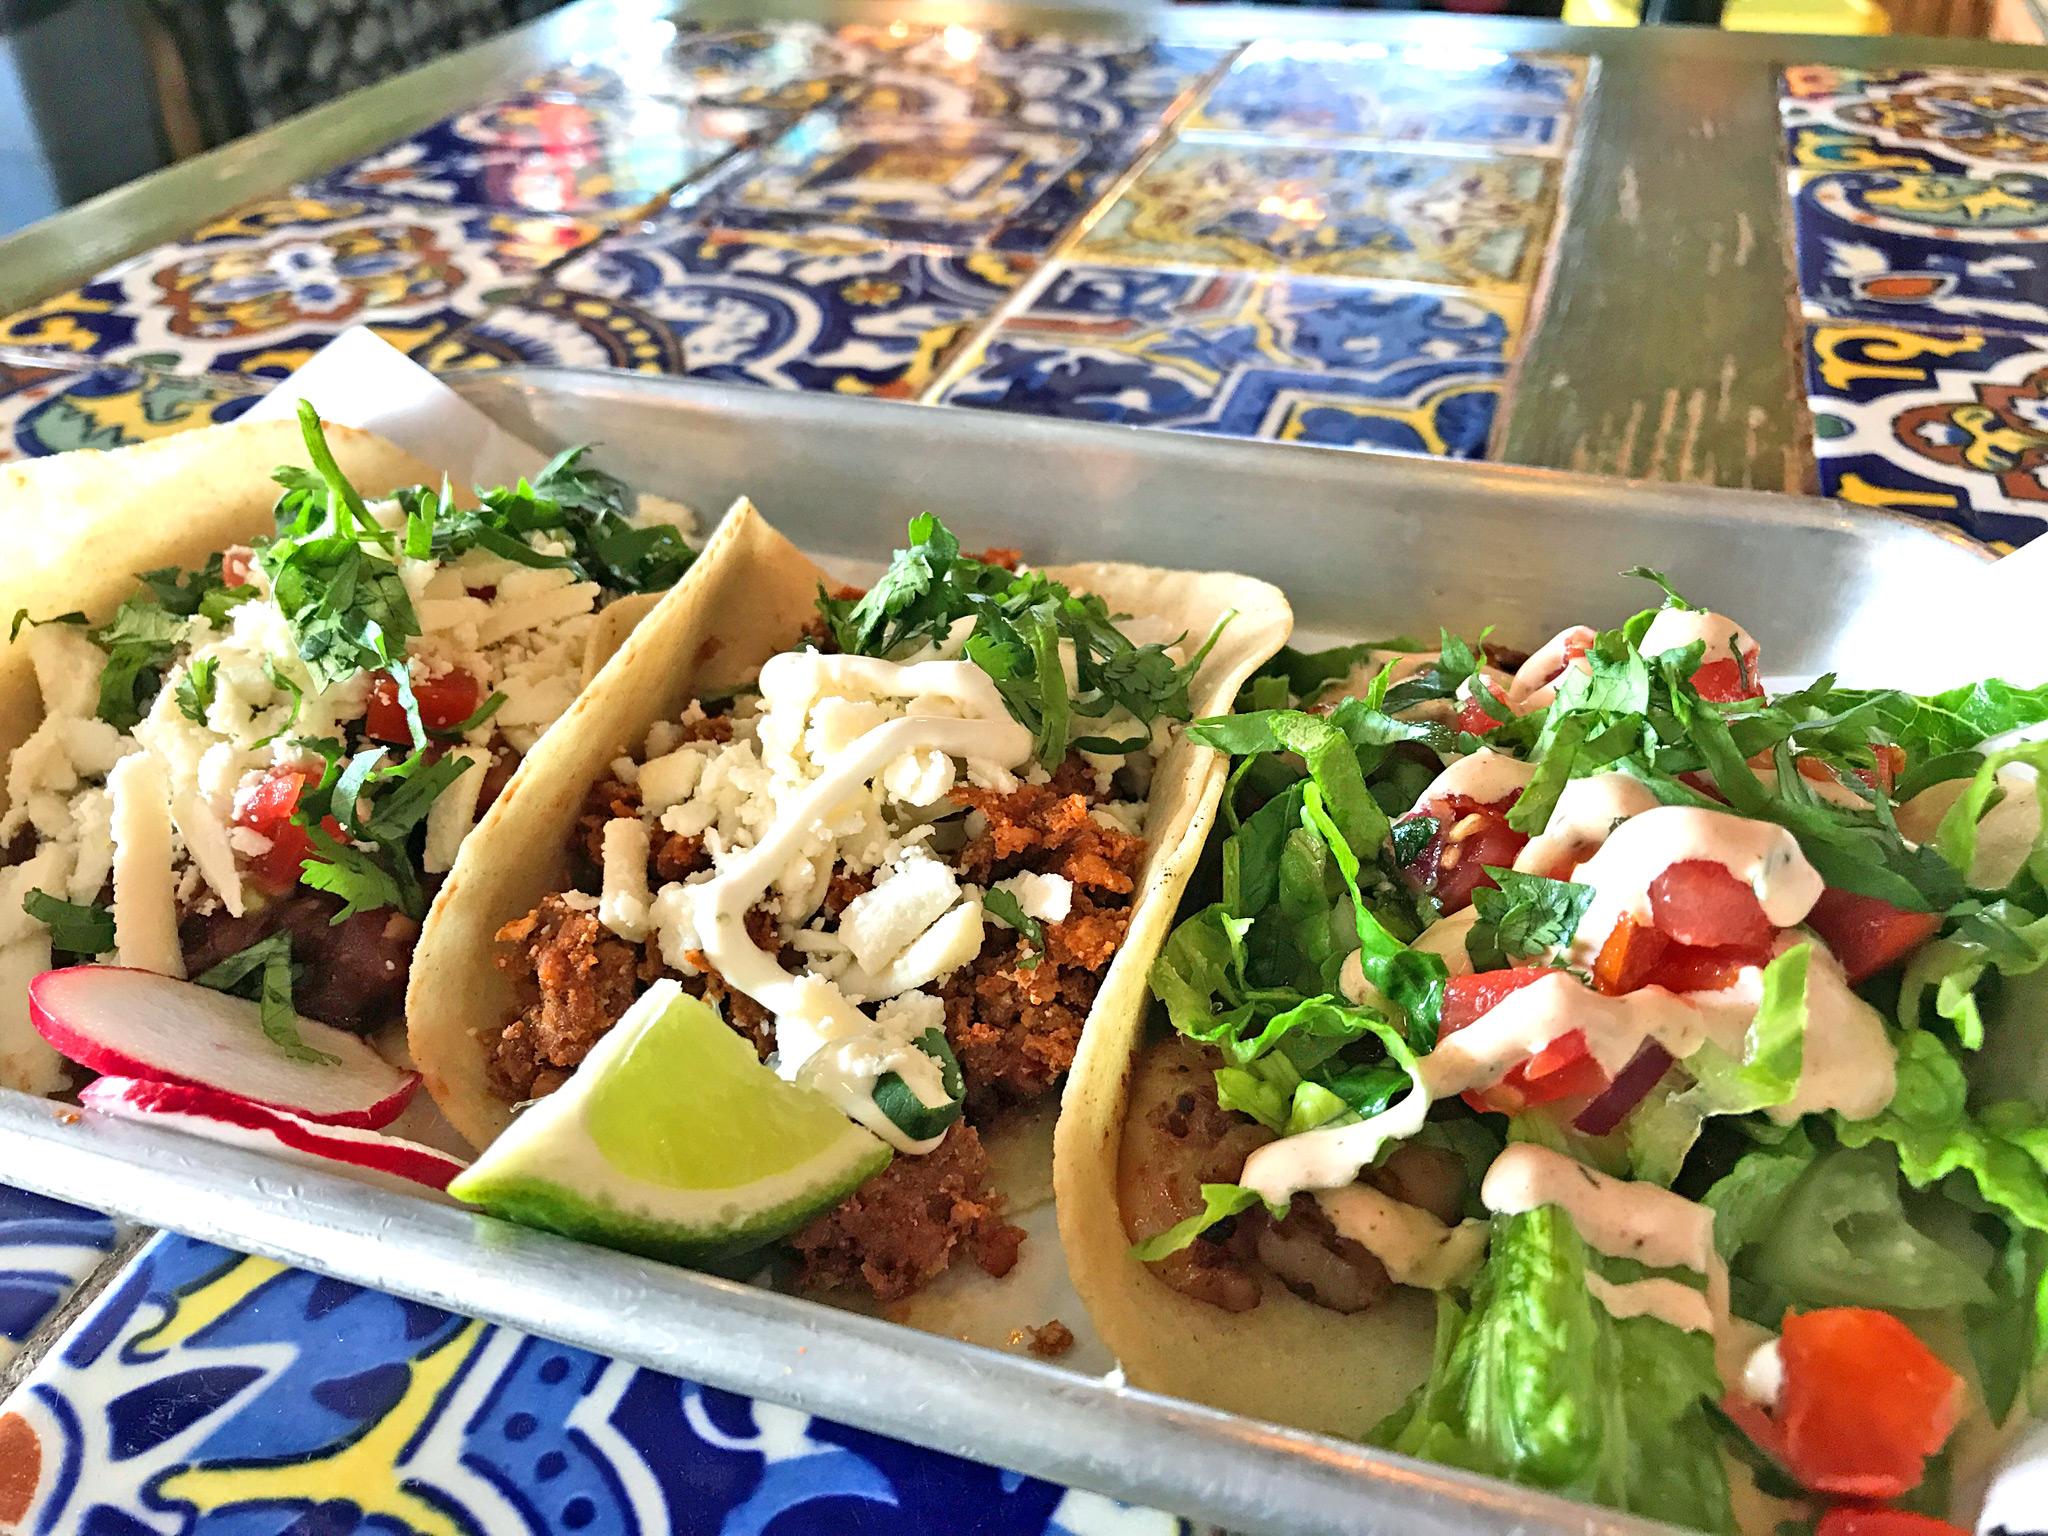 Tacos - L to R Barbacoa, Chorizo, Camarones